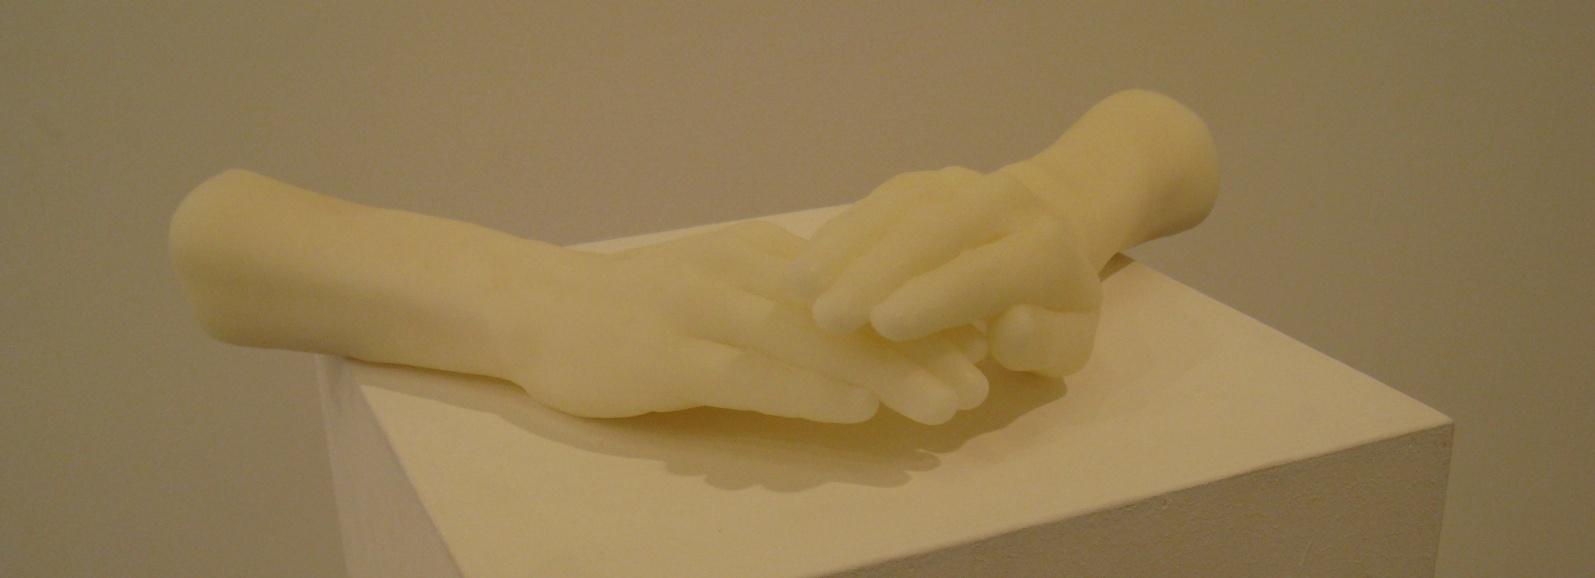 handen-slider